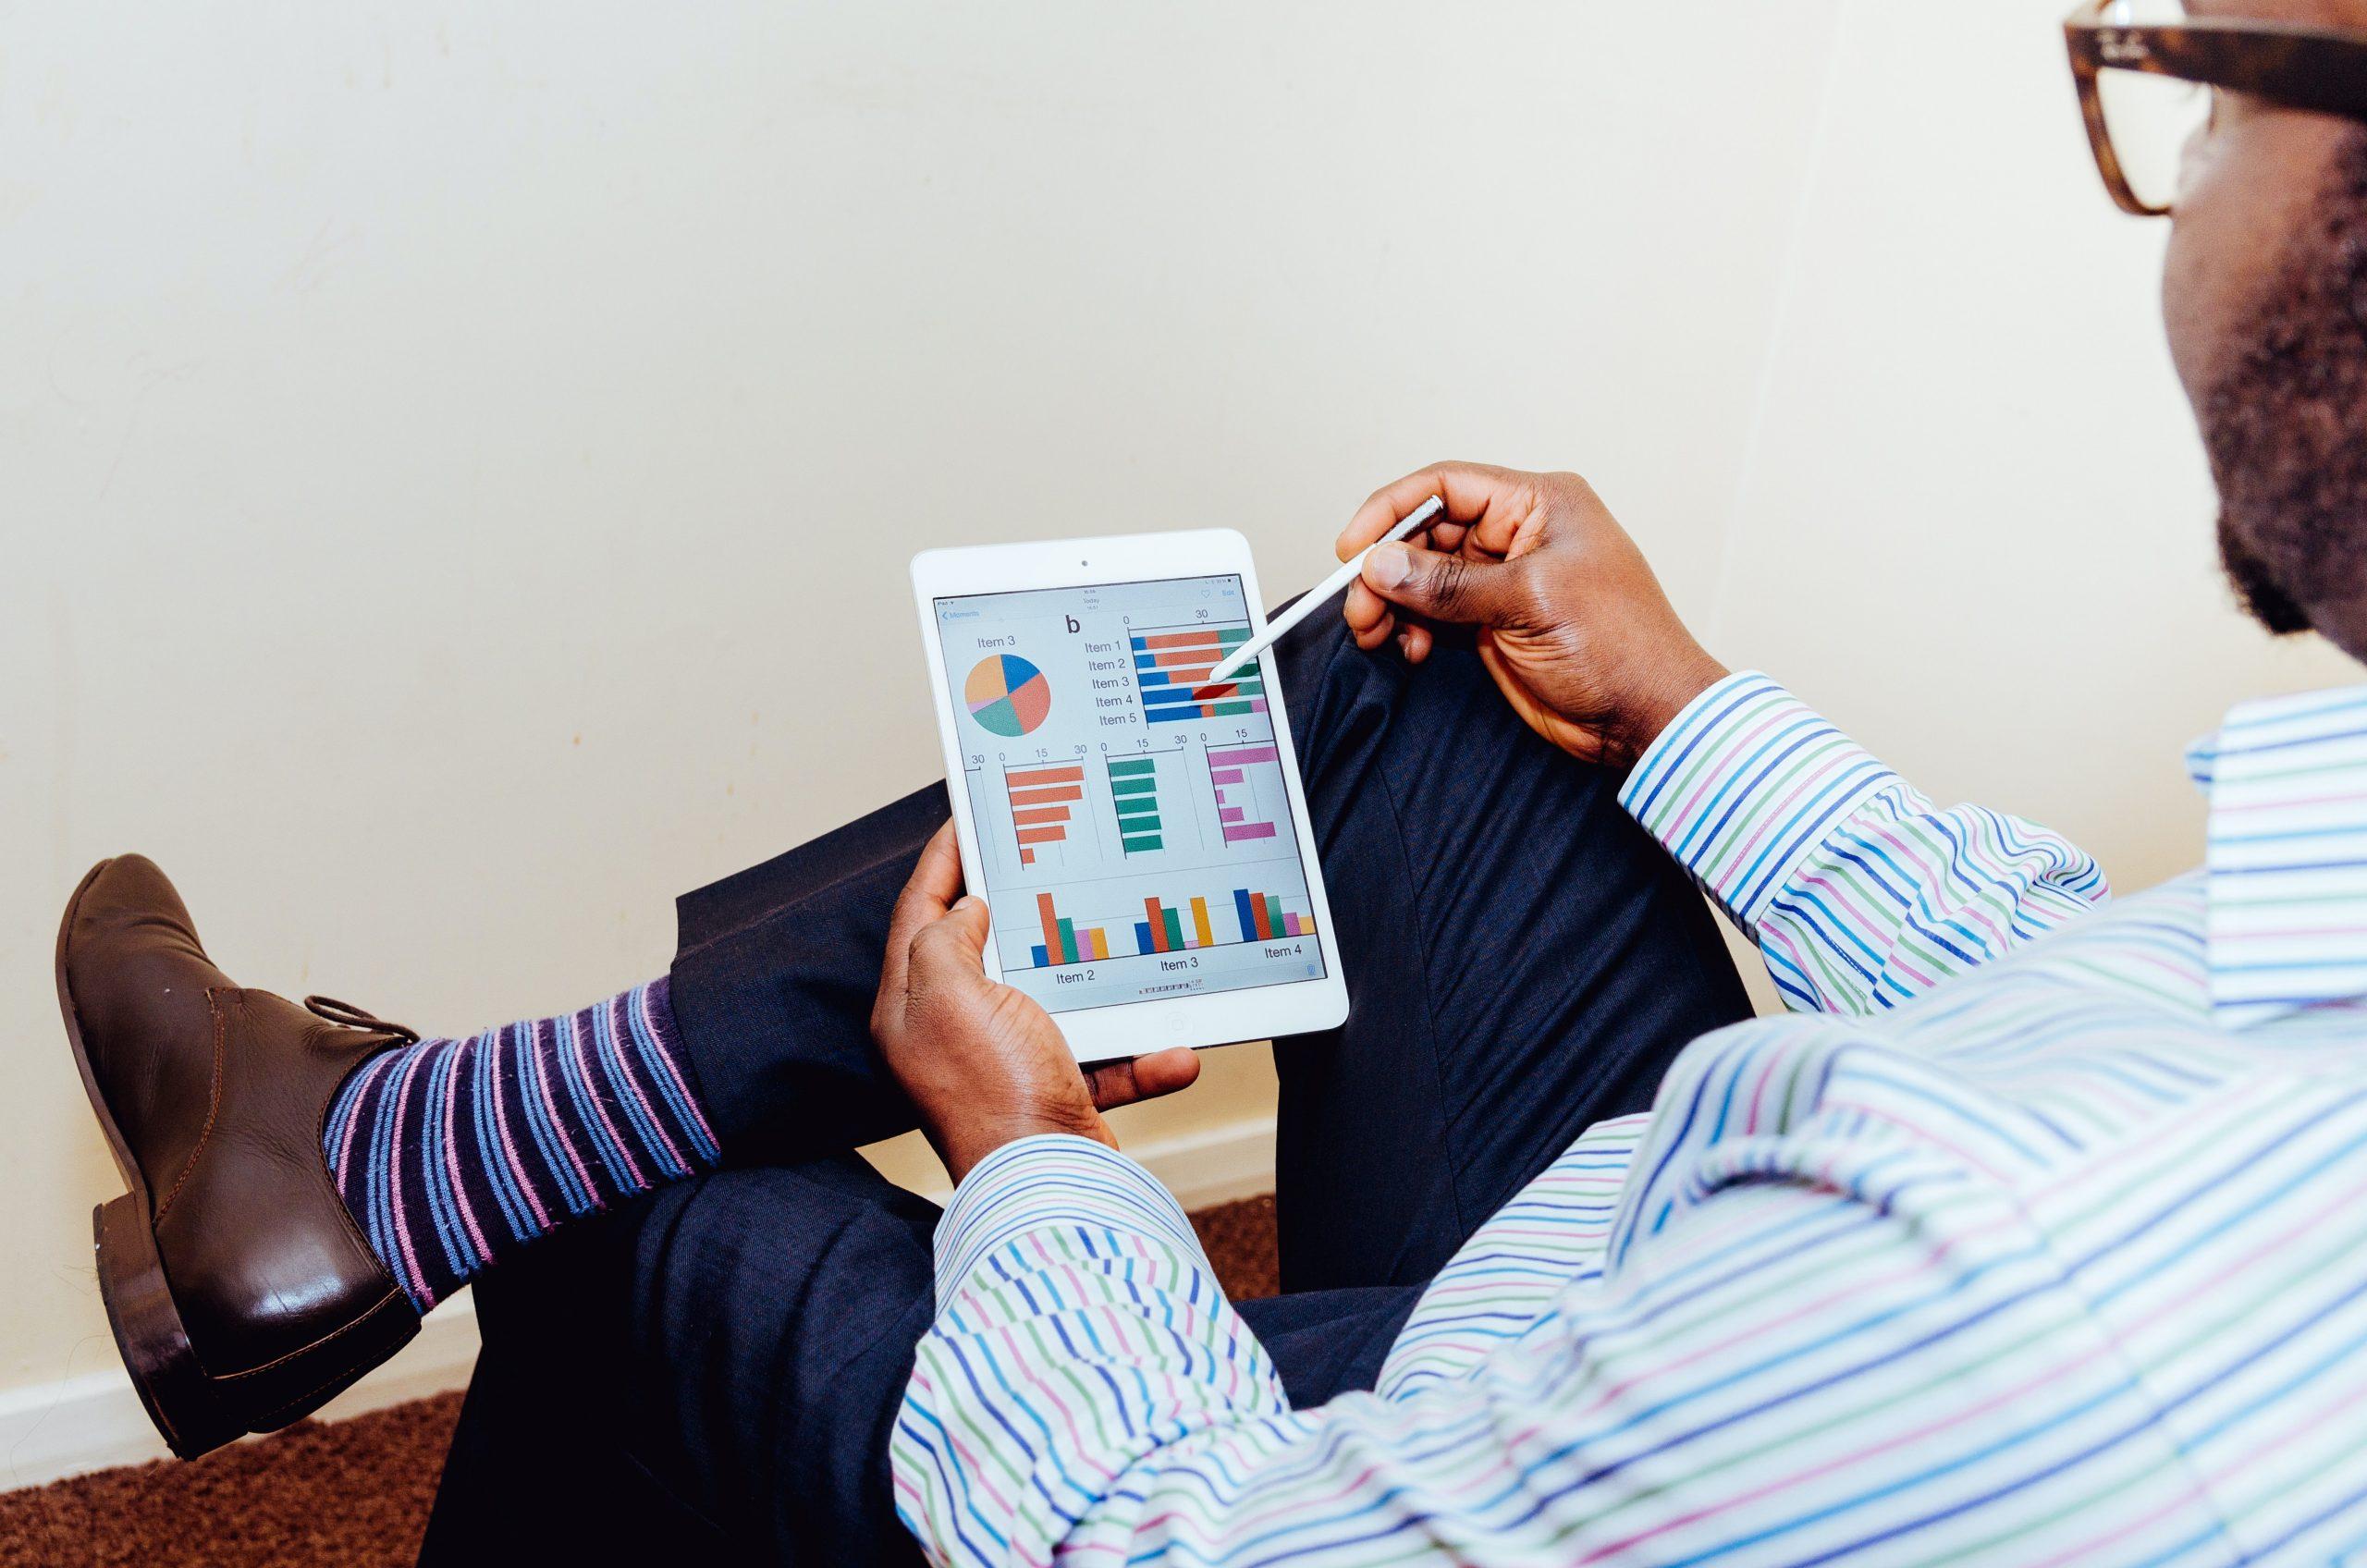 Mężczyzna analizuje dane za pomocą aplikacji umieszczonej na tablecie